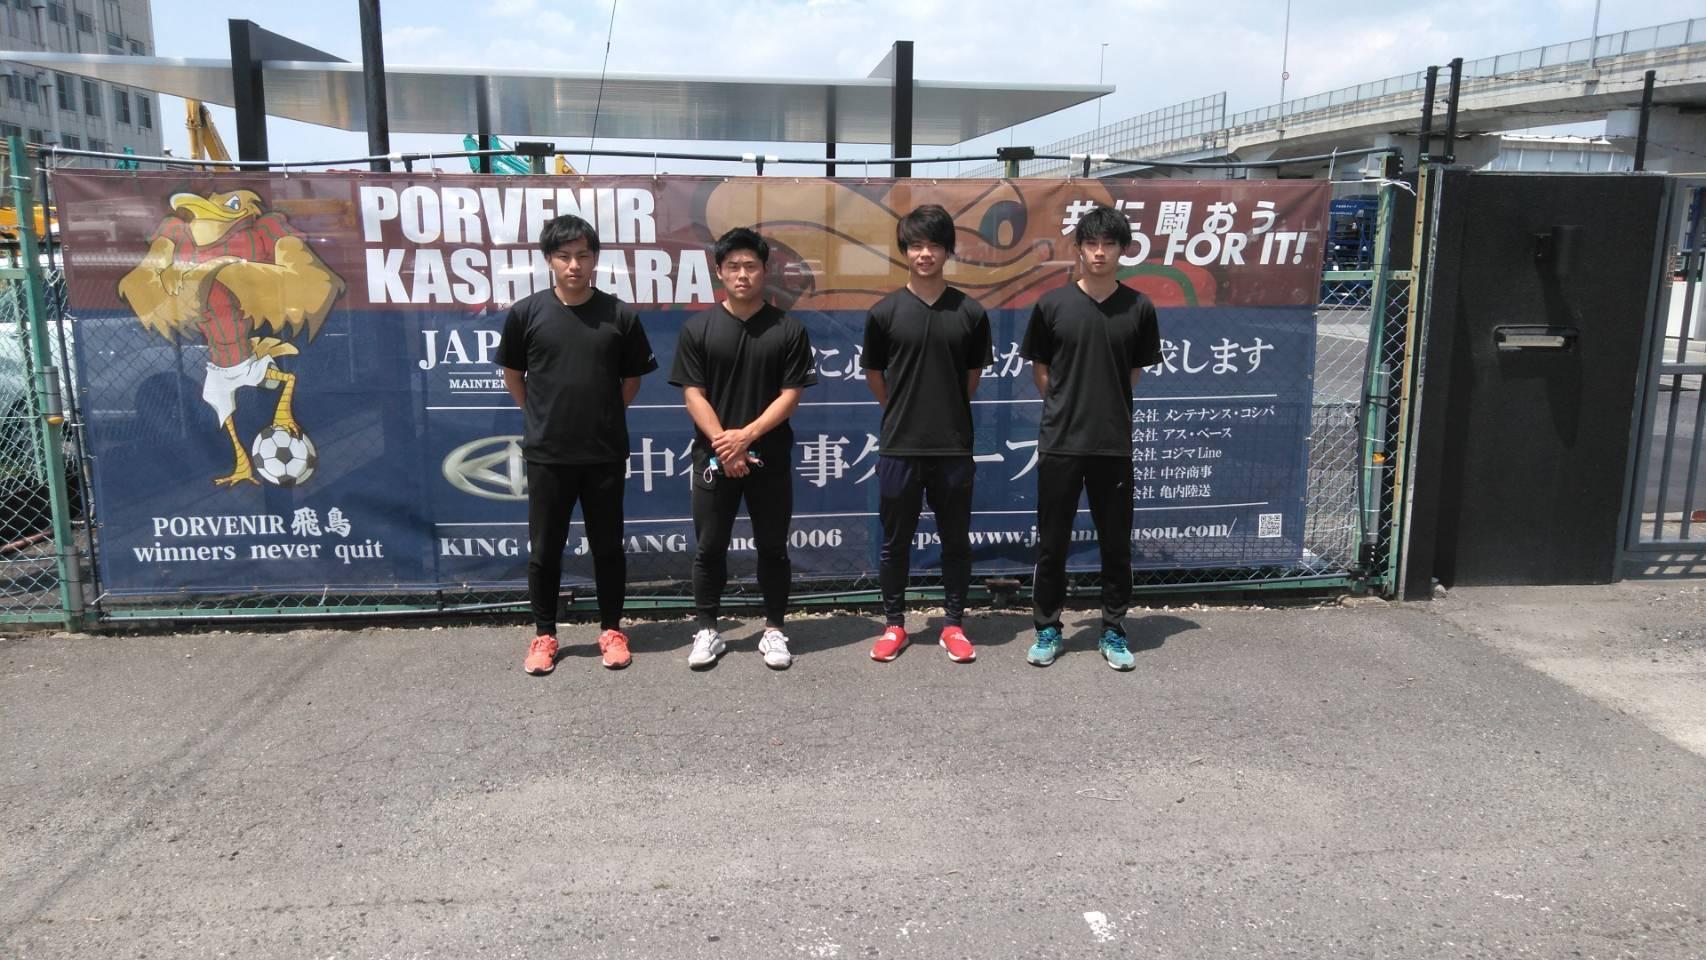 ポルベニル飛鳥の選手採用 | JAPAN陸送│メンテナンス・コシバ